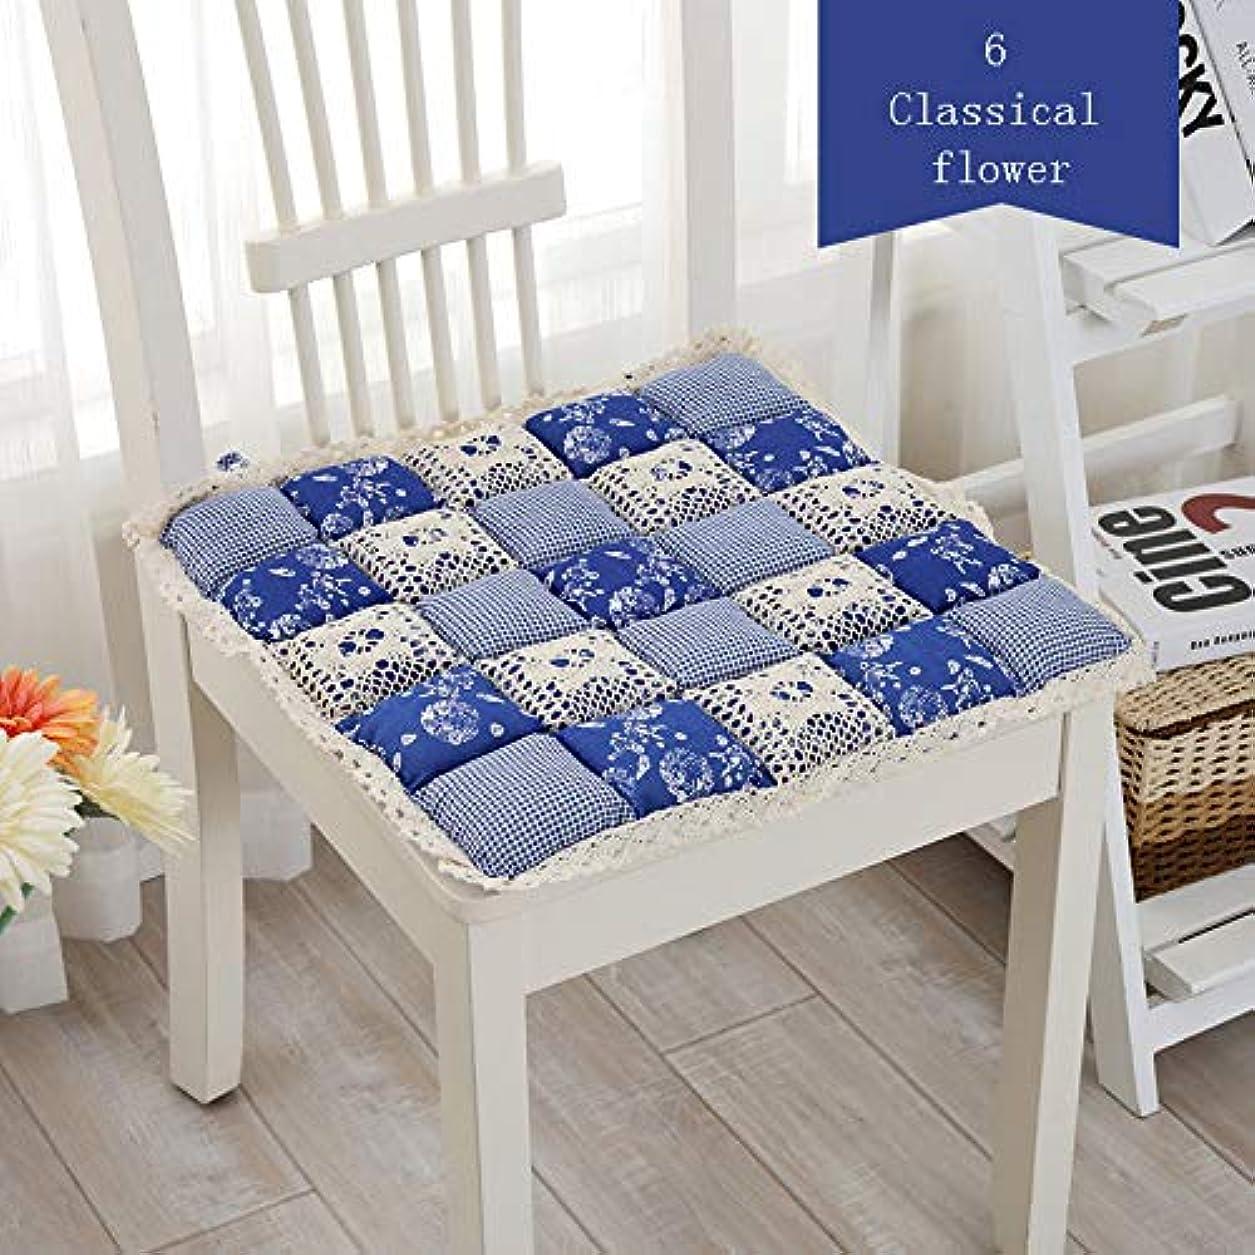 標高エレクトロニック戸口LIFE 1 個抗褥瘡綿椅子クッション 24 色ファッションオフィス正方形クッション学生チェアクッション家の装飾厚み クッション 椅子